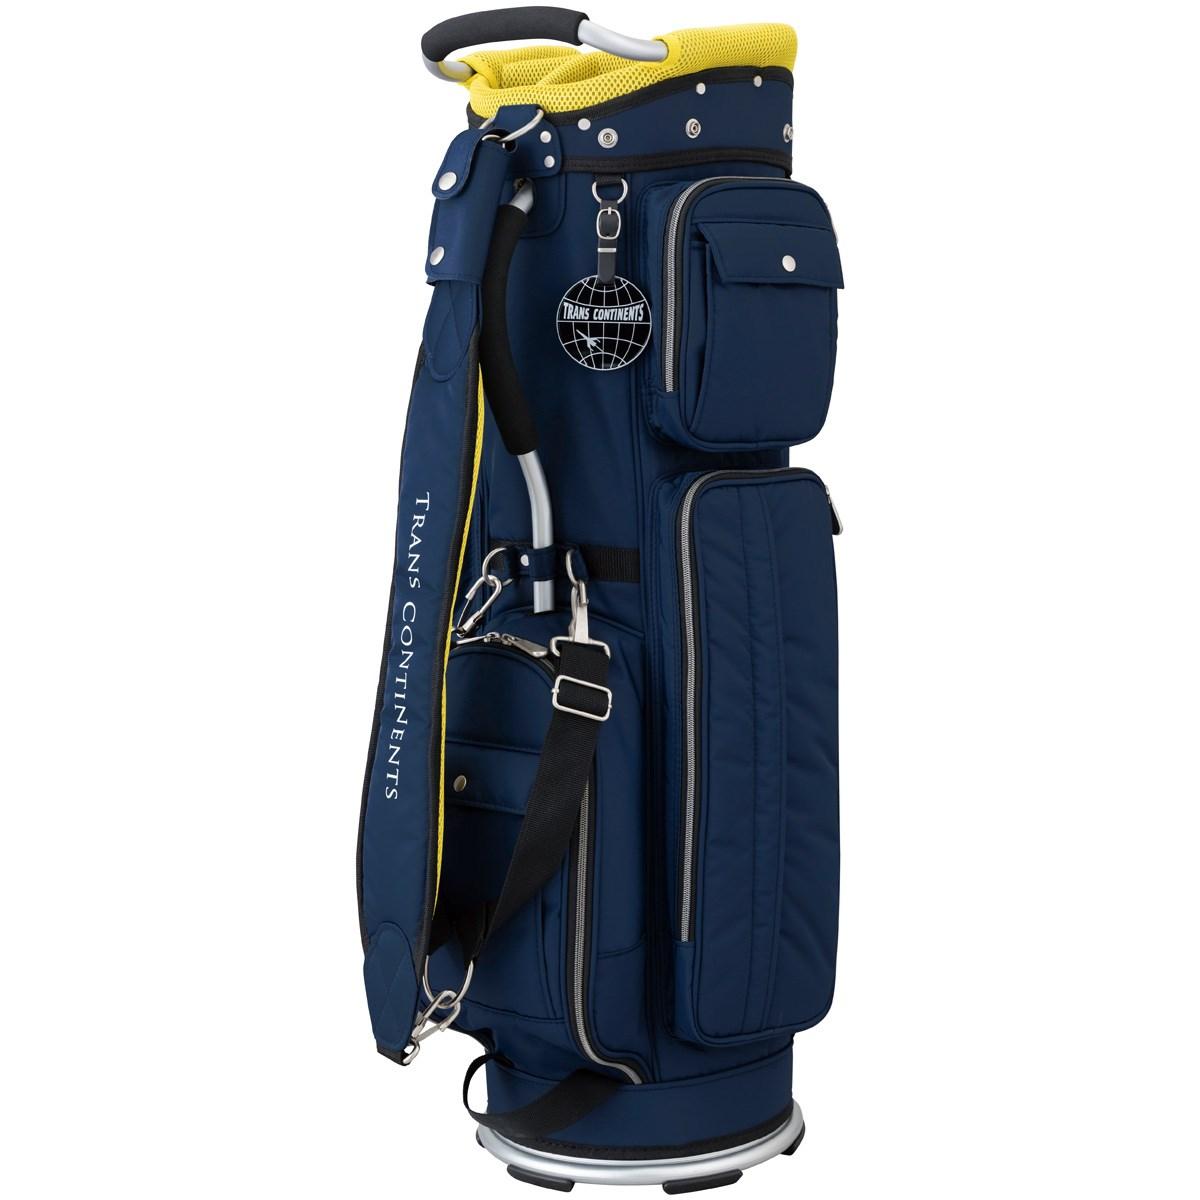 <ゴルフダイジェスト> [2018年モデル] トランスコンチネンツ キャディバッグ ゴルフ